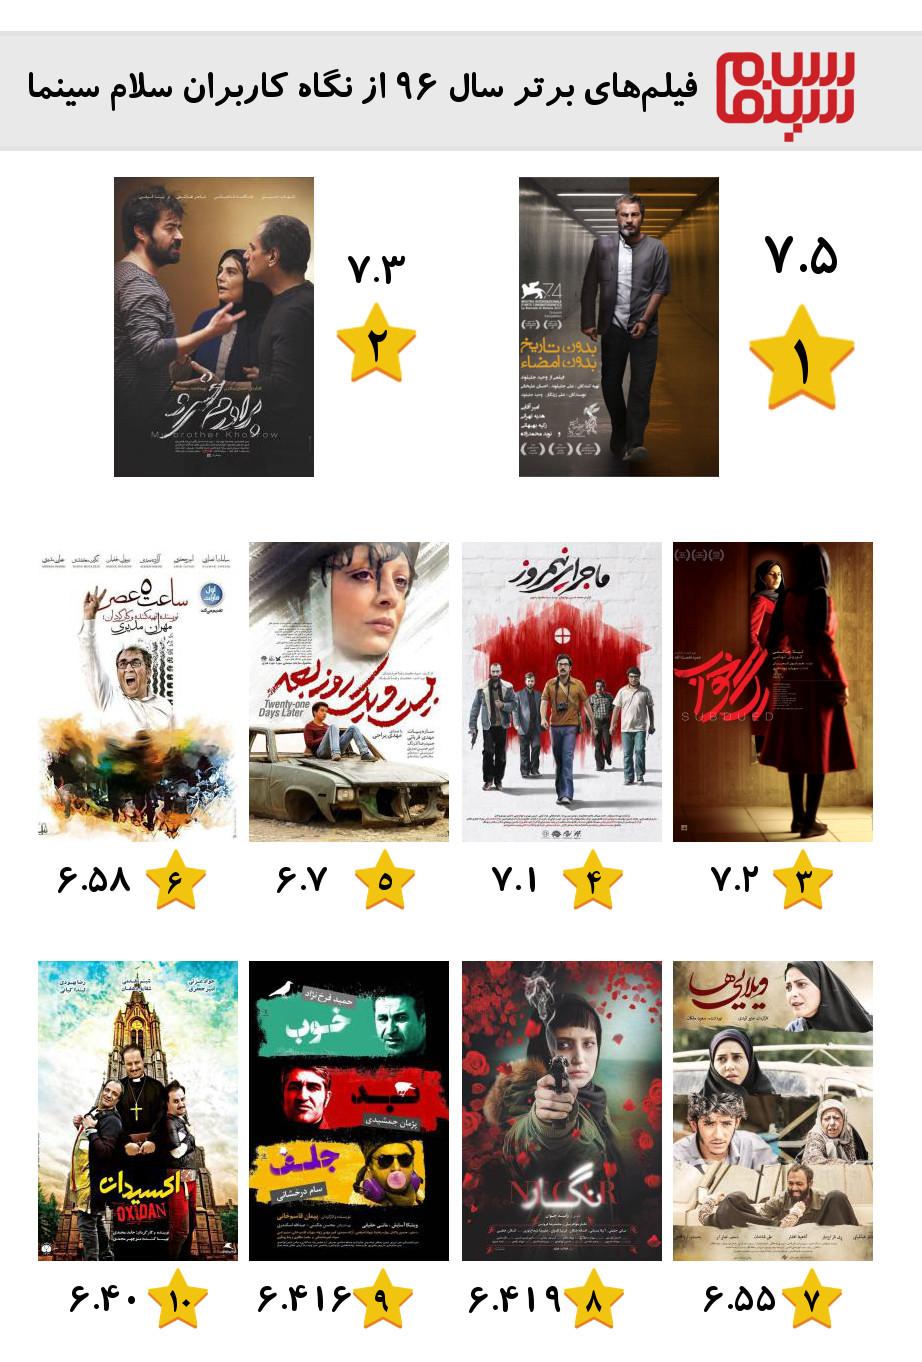 ده فیلم برتر سال 96 از نگاه کاربران سلام سینما/ «بدون تاریخ، بدون امضا» بهترین فیلم